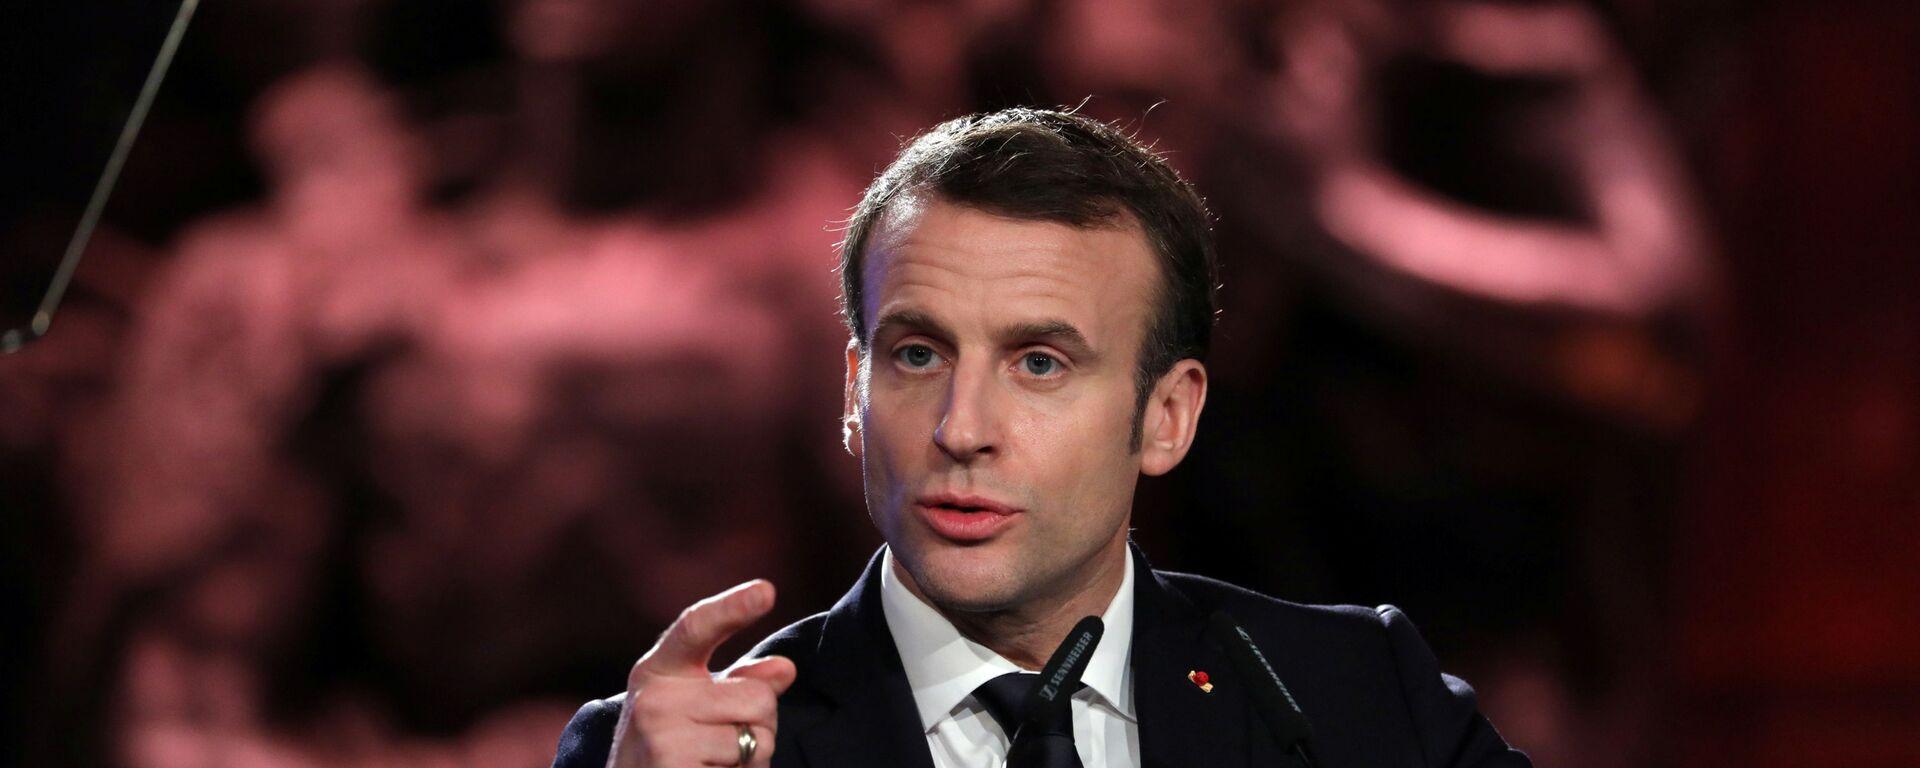 Presidente della Francia, Emmanuel Macron - Sputnik Italia, 1920, 25.07.2021